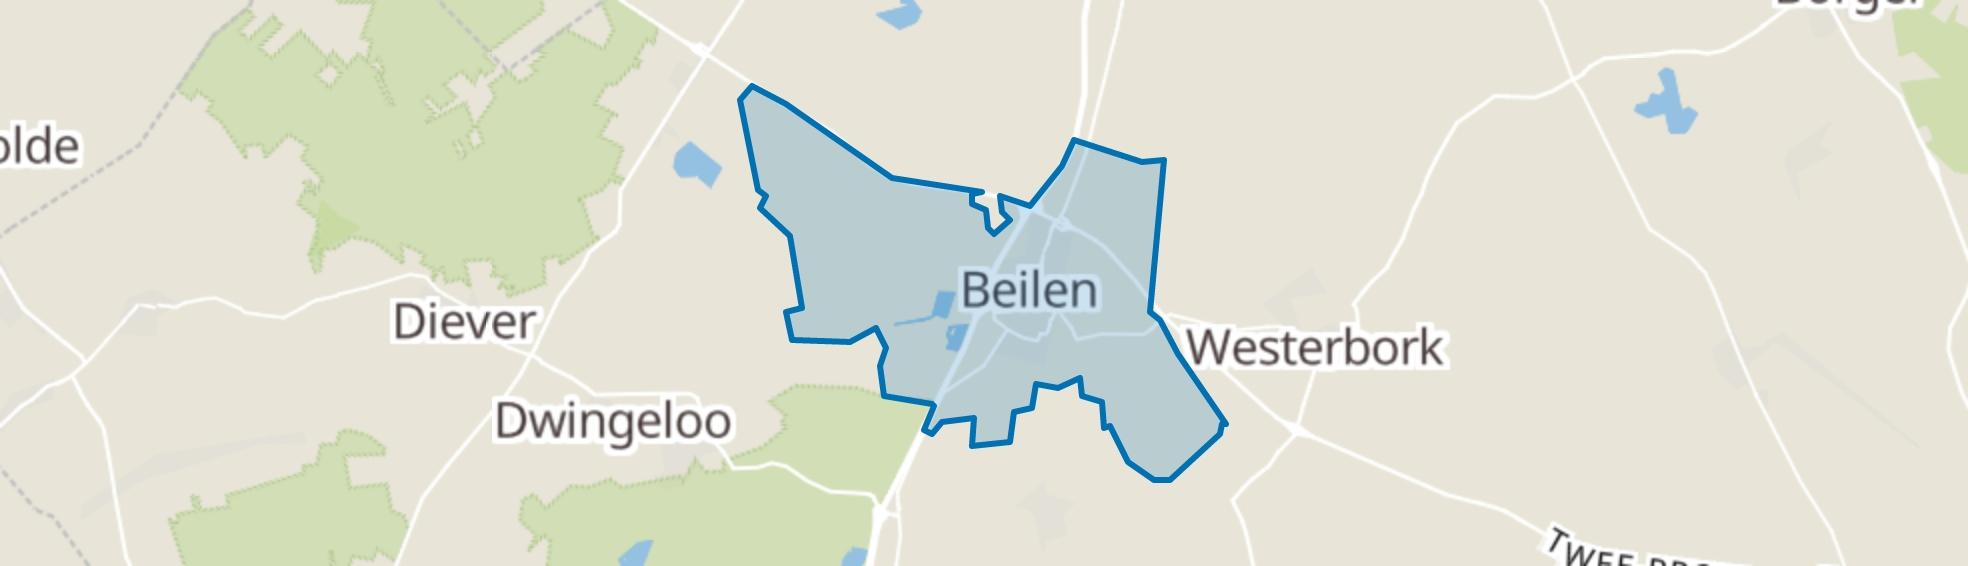 Beilen map